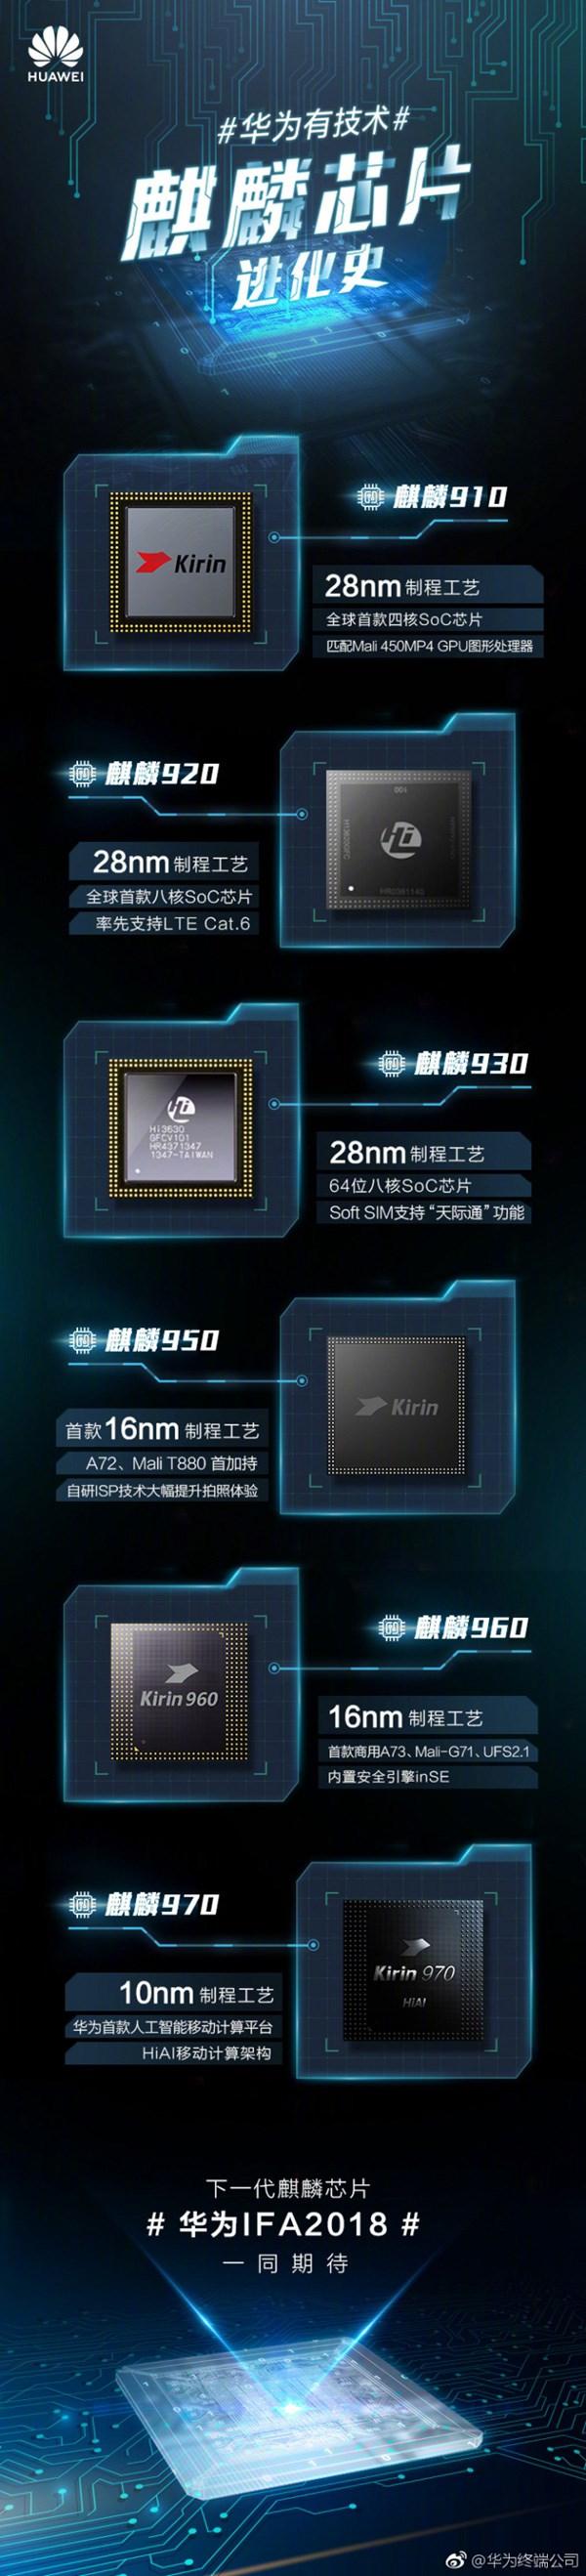 麒麟980大招将出:一图看懂华为麒麟910到麒麟970芯片发展史